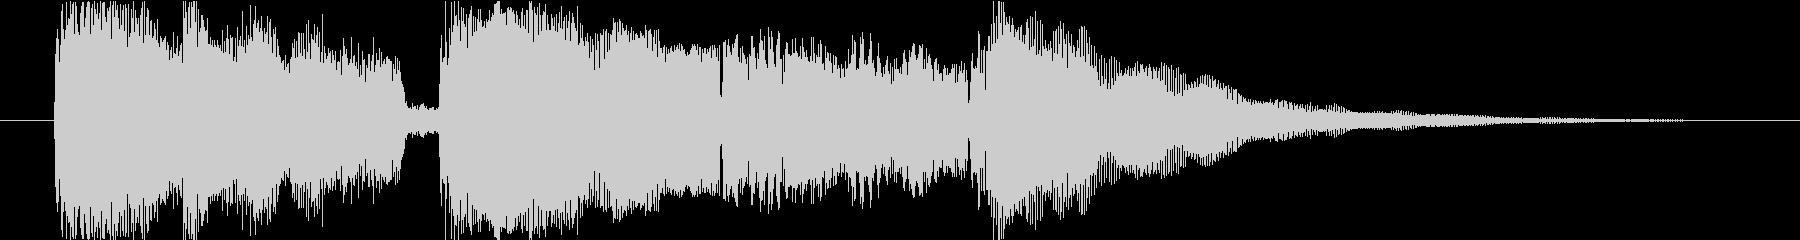 クリーンギターの穏やかなジングルの未再生の波形